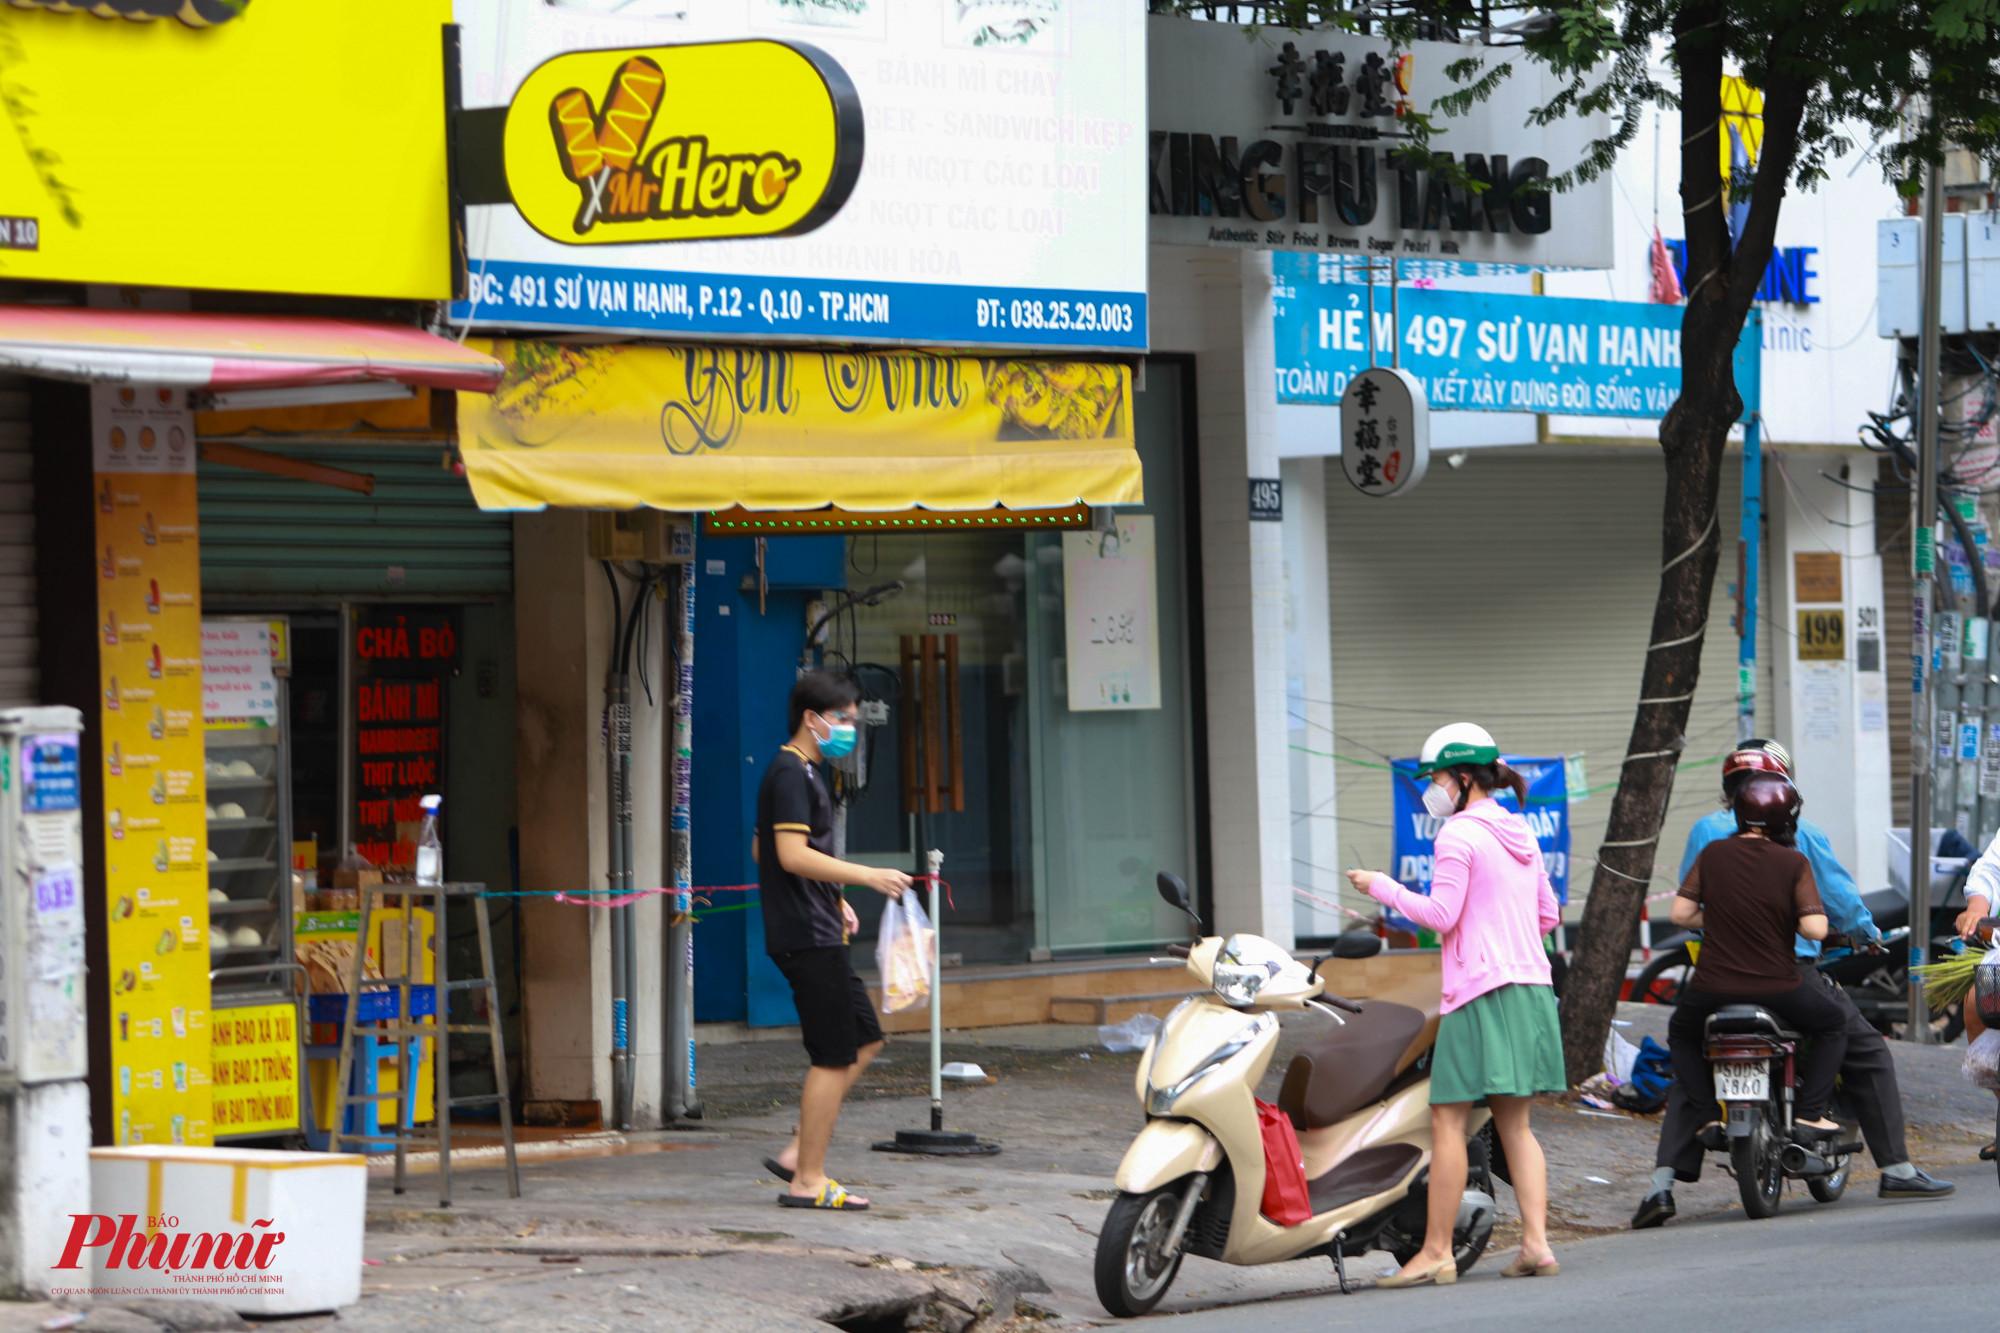 Trên đường Sư Vạn Hạnh, môt cửa hàng bánh mì tươi đã hoạt động lại